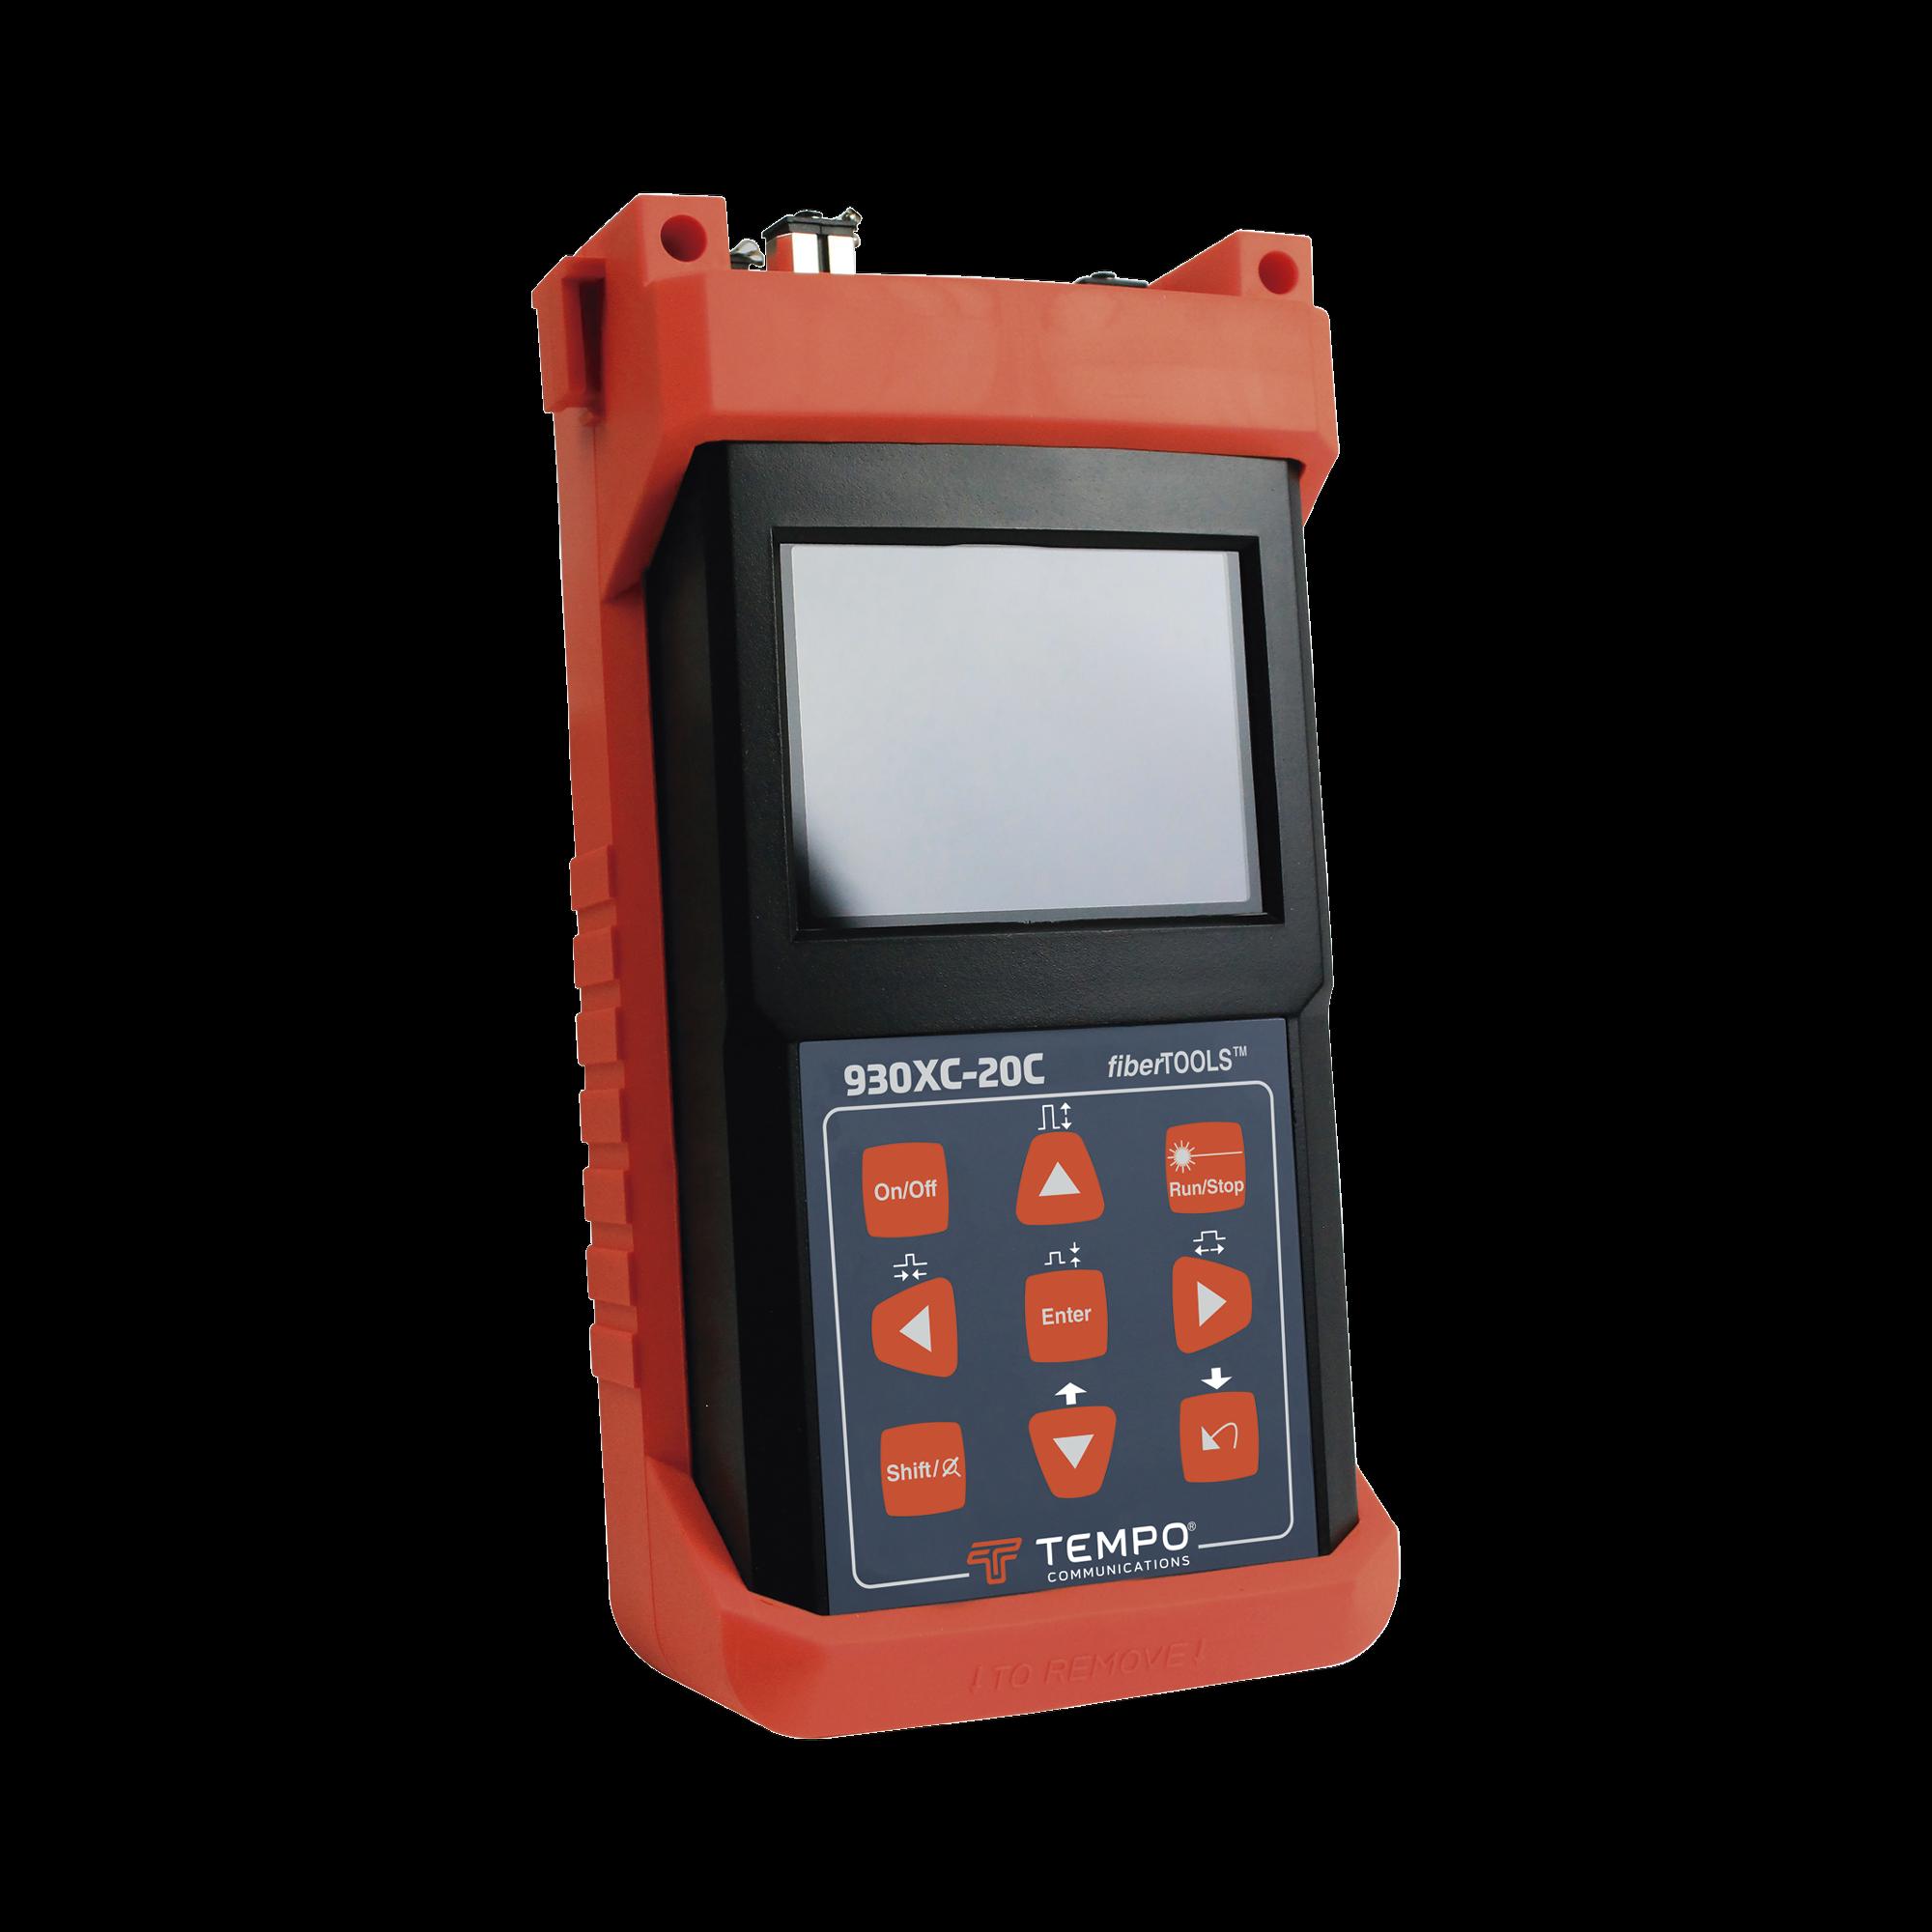 OTDR para pruebas en Enlaces de Fibra optica, longitudes de onda 1310 y 1550 nm, entrada SC/UPC